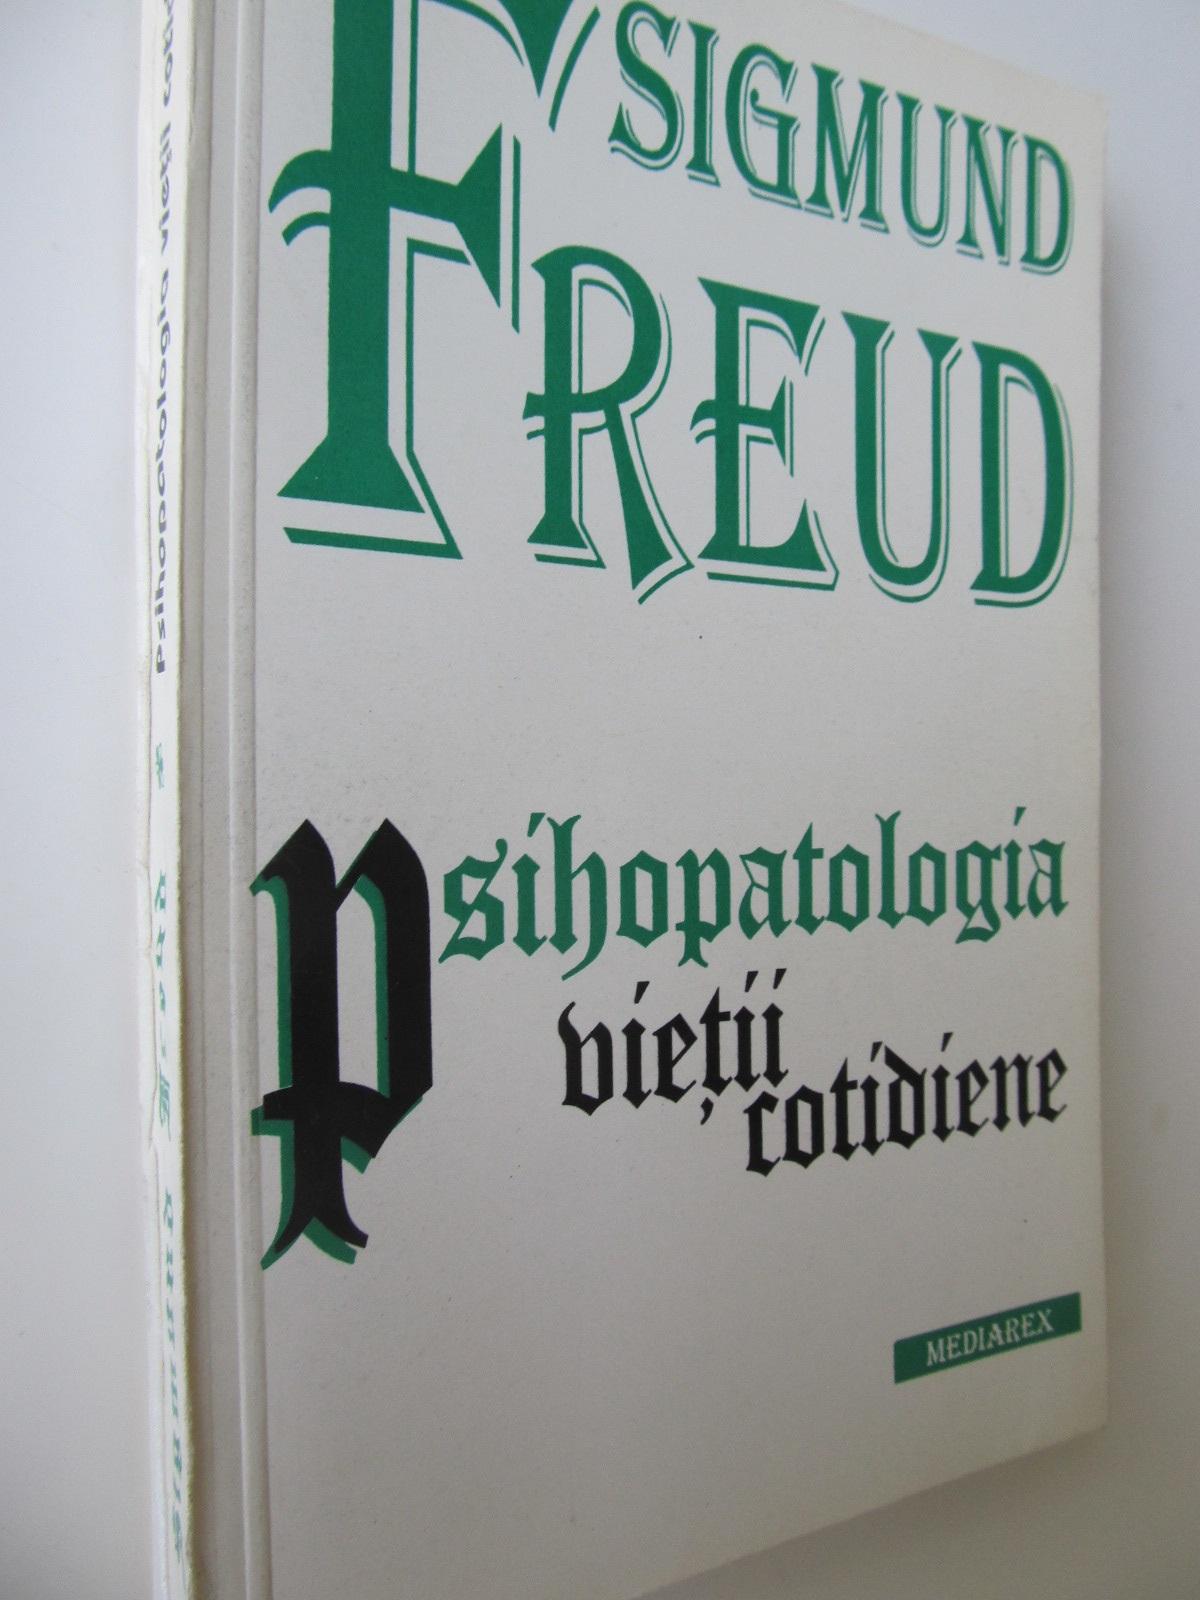 Psihopatologia vietii cotidiene - Sigmund Freud | Detalii carte